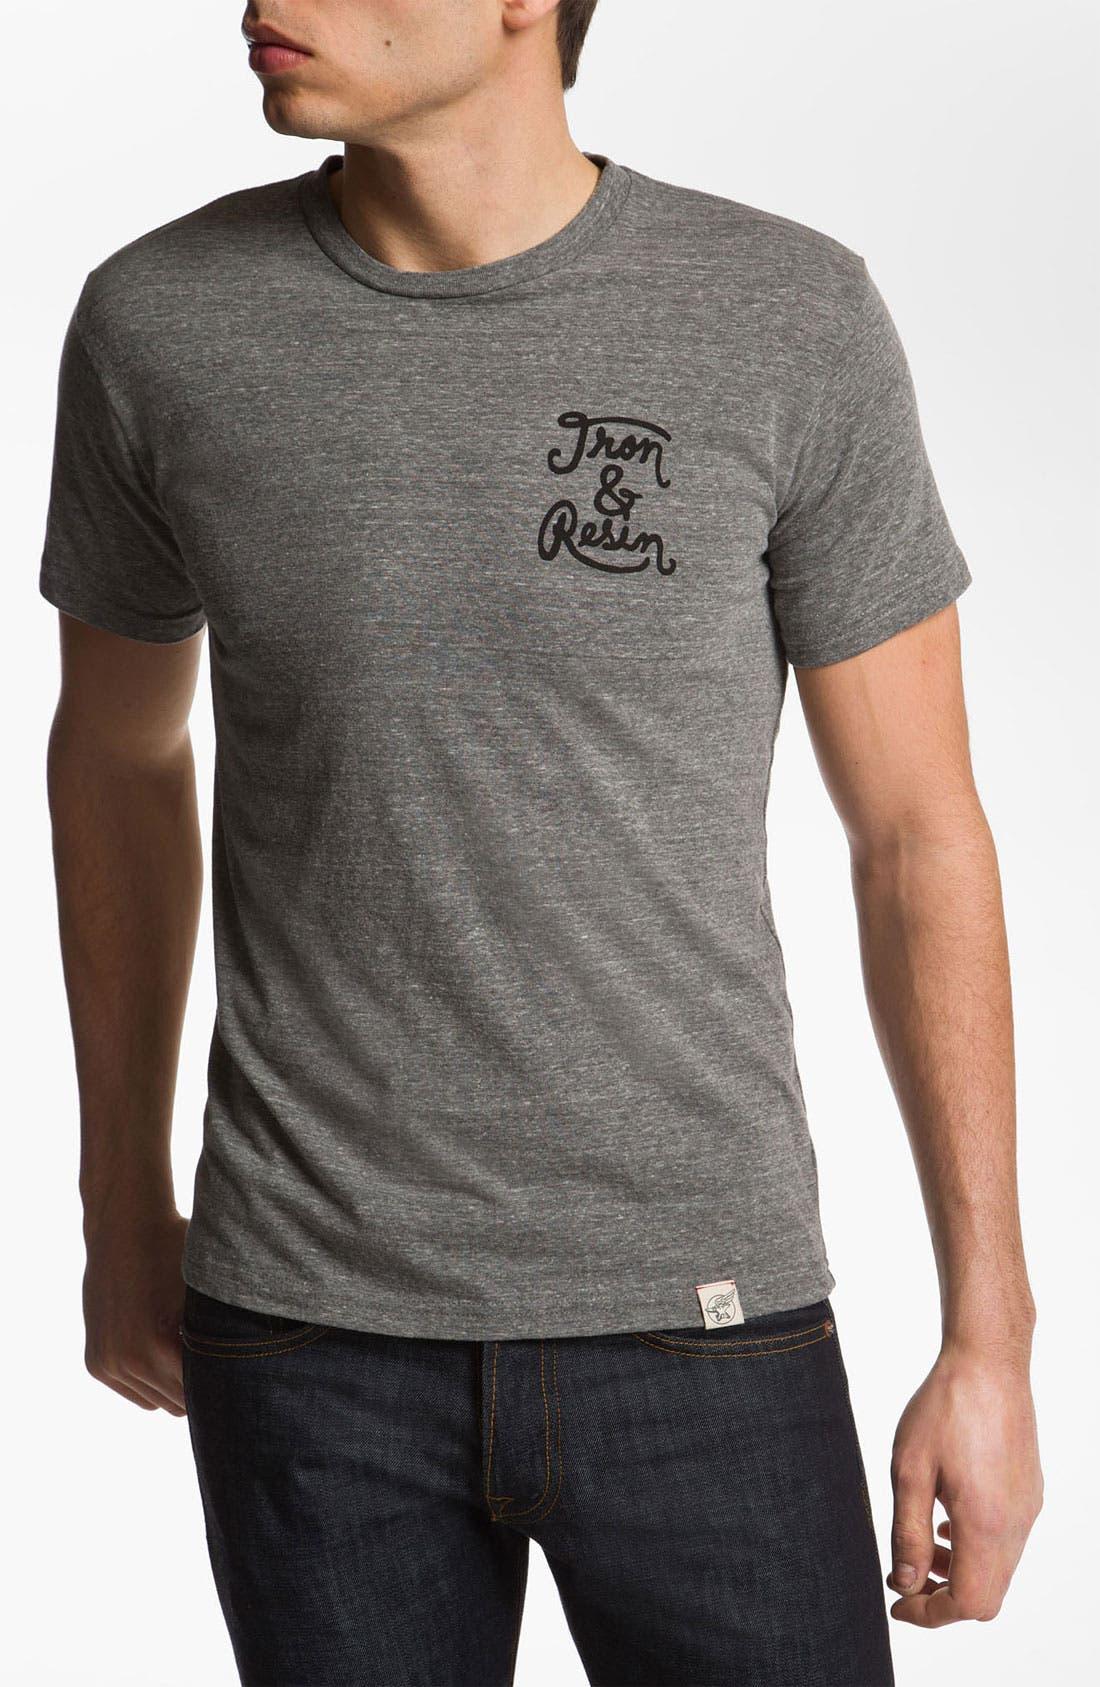 Alternate Image 1 Selected - Iron & Resin 'Wolfgang' T-Shirt